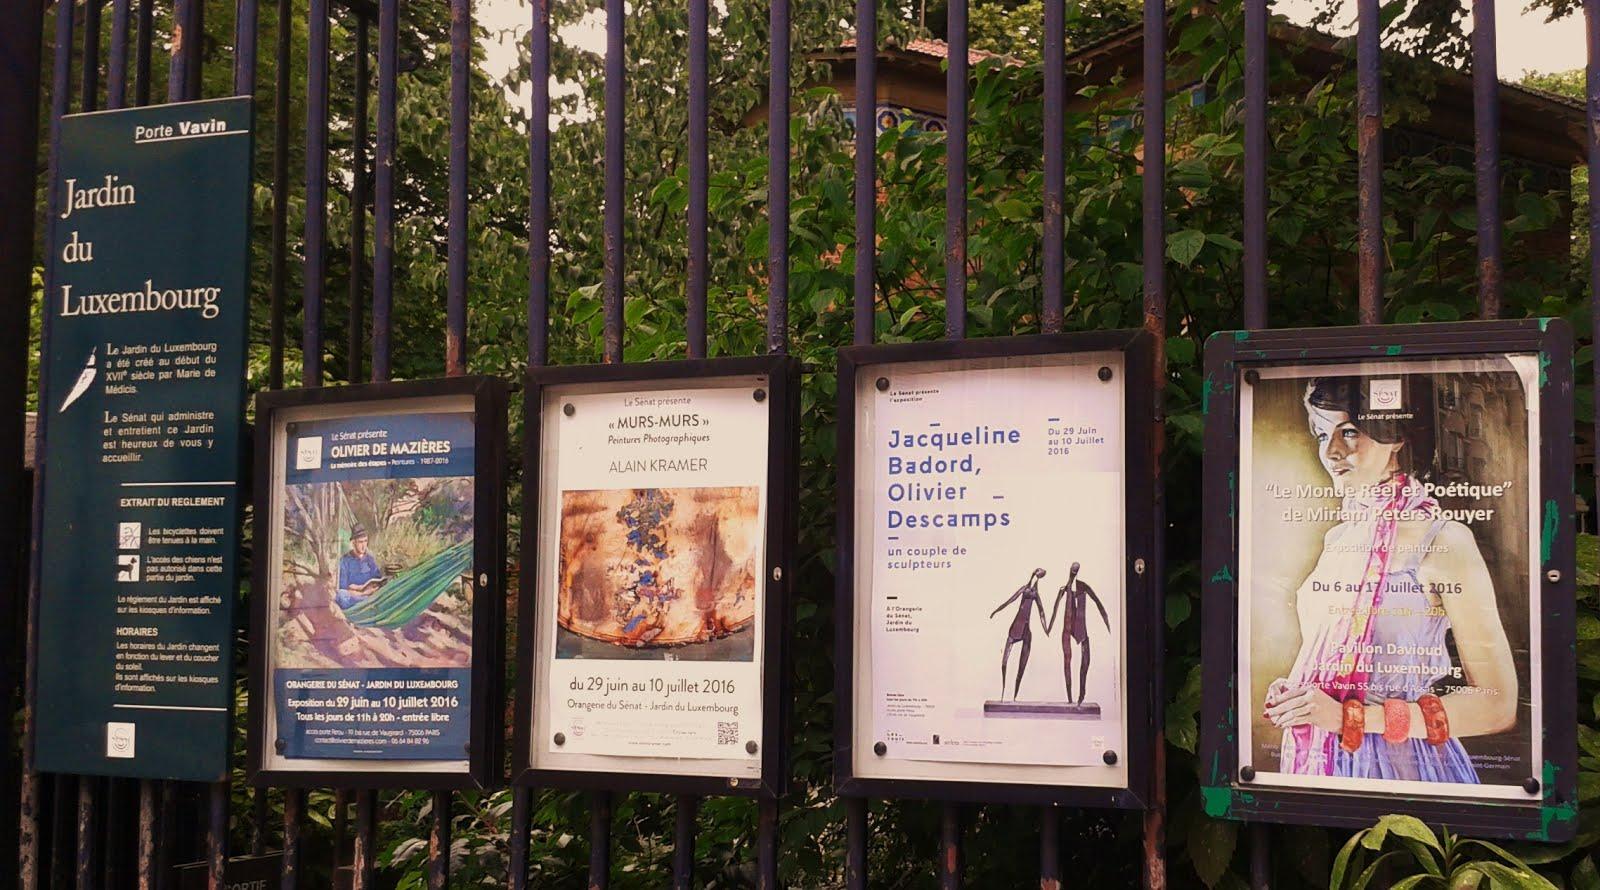 Quelle joie et honneur de voir mon affiche sur les grilles du jardin du Luxembourg à Paris